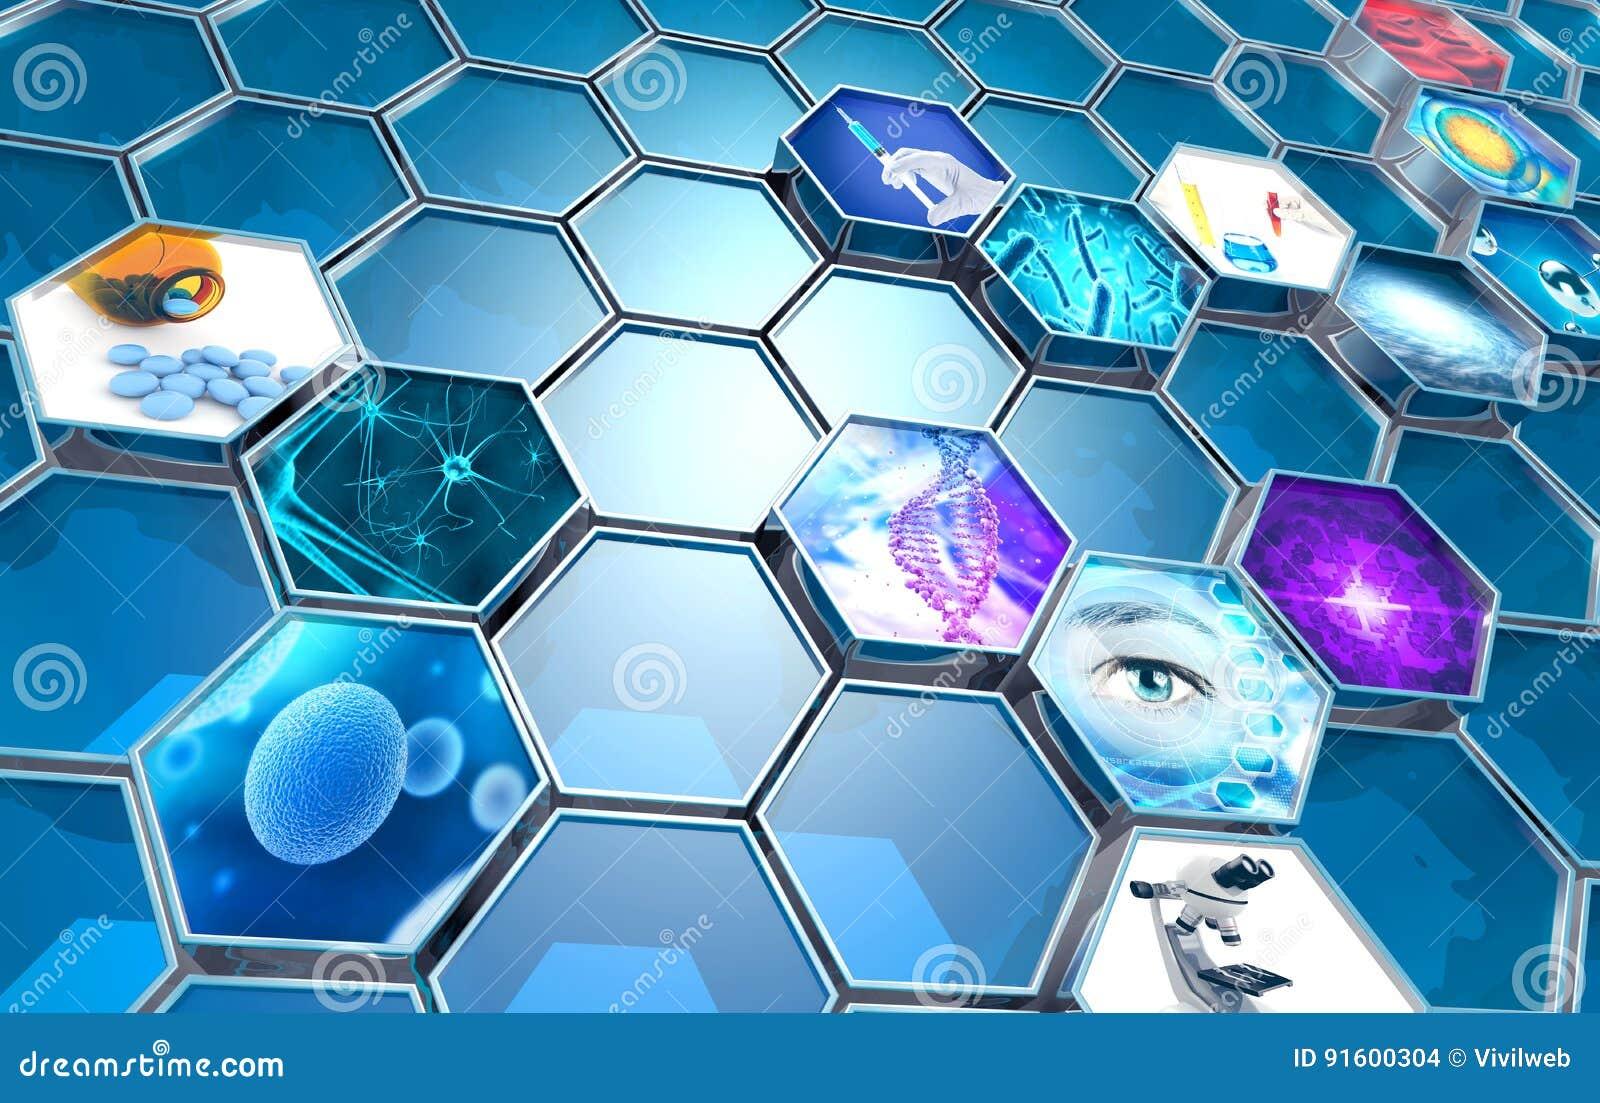 Begrepp för vetenskaplig forskning